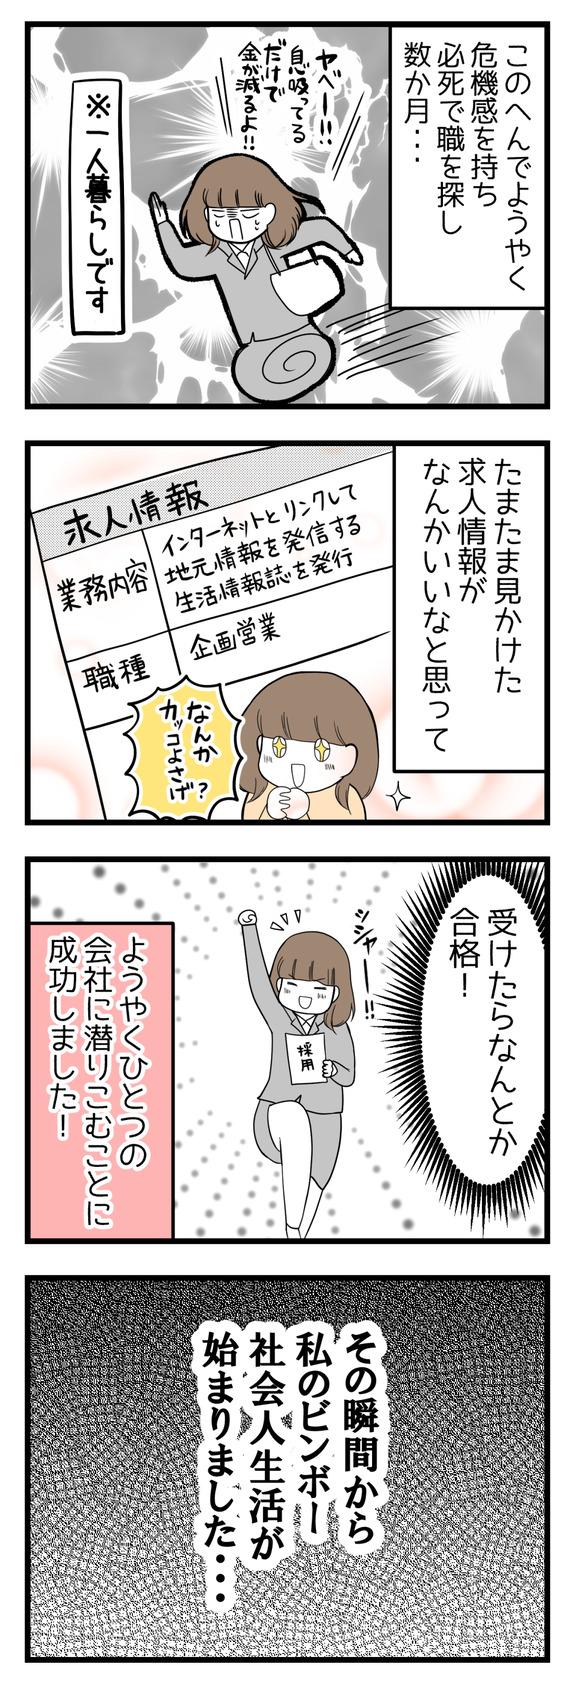 【社会人編】はじまり2